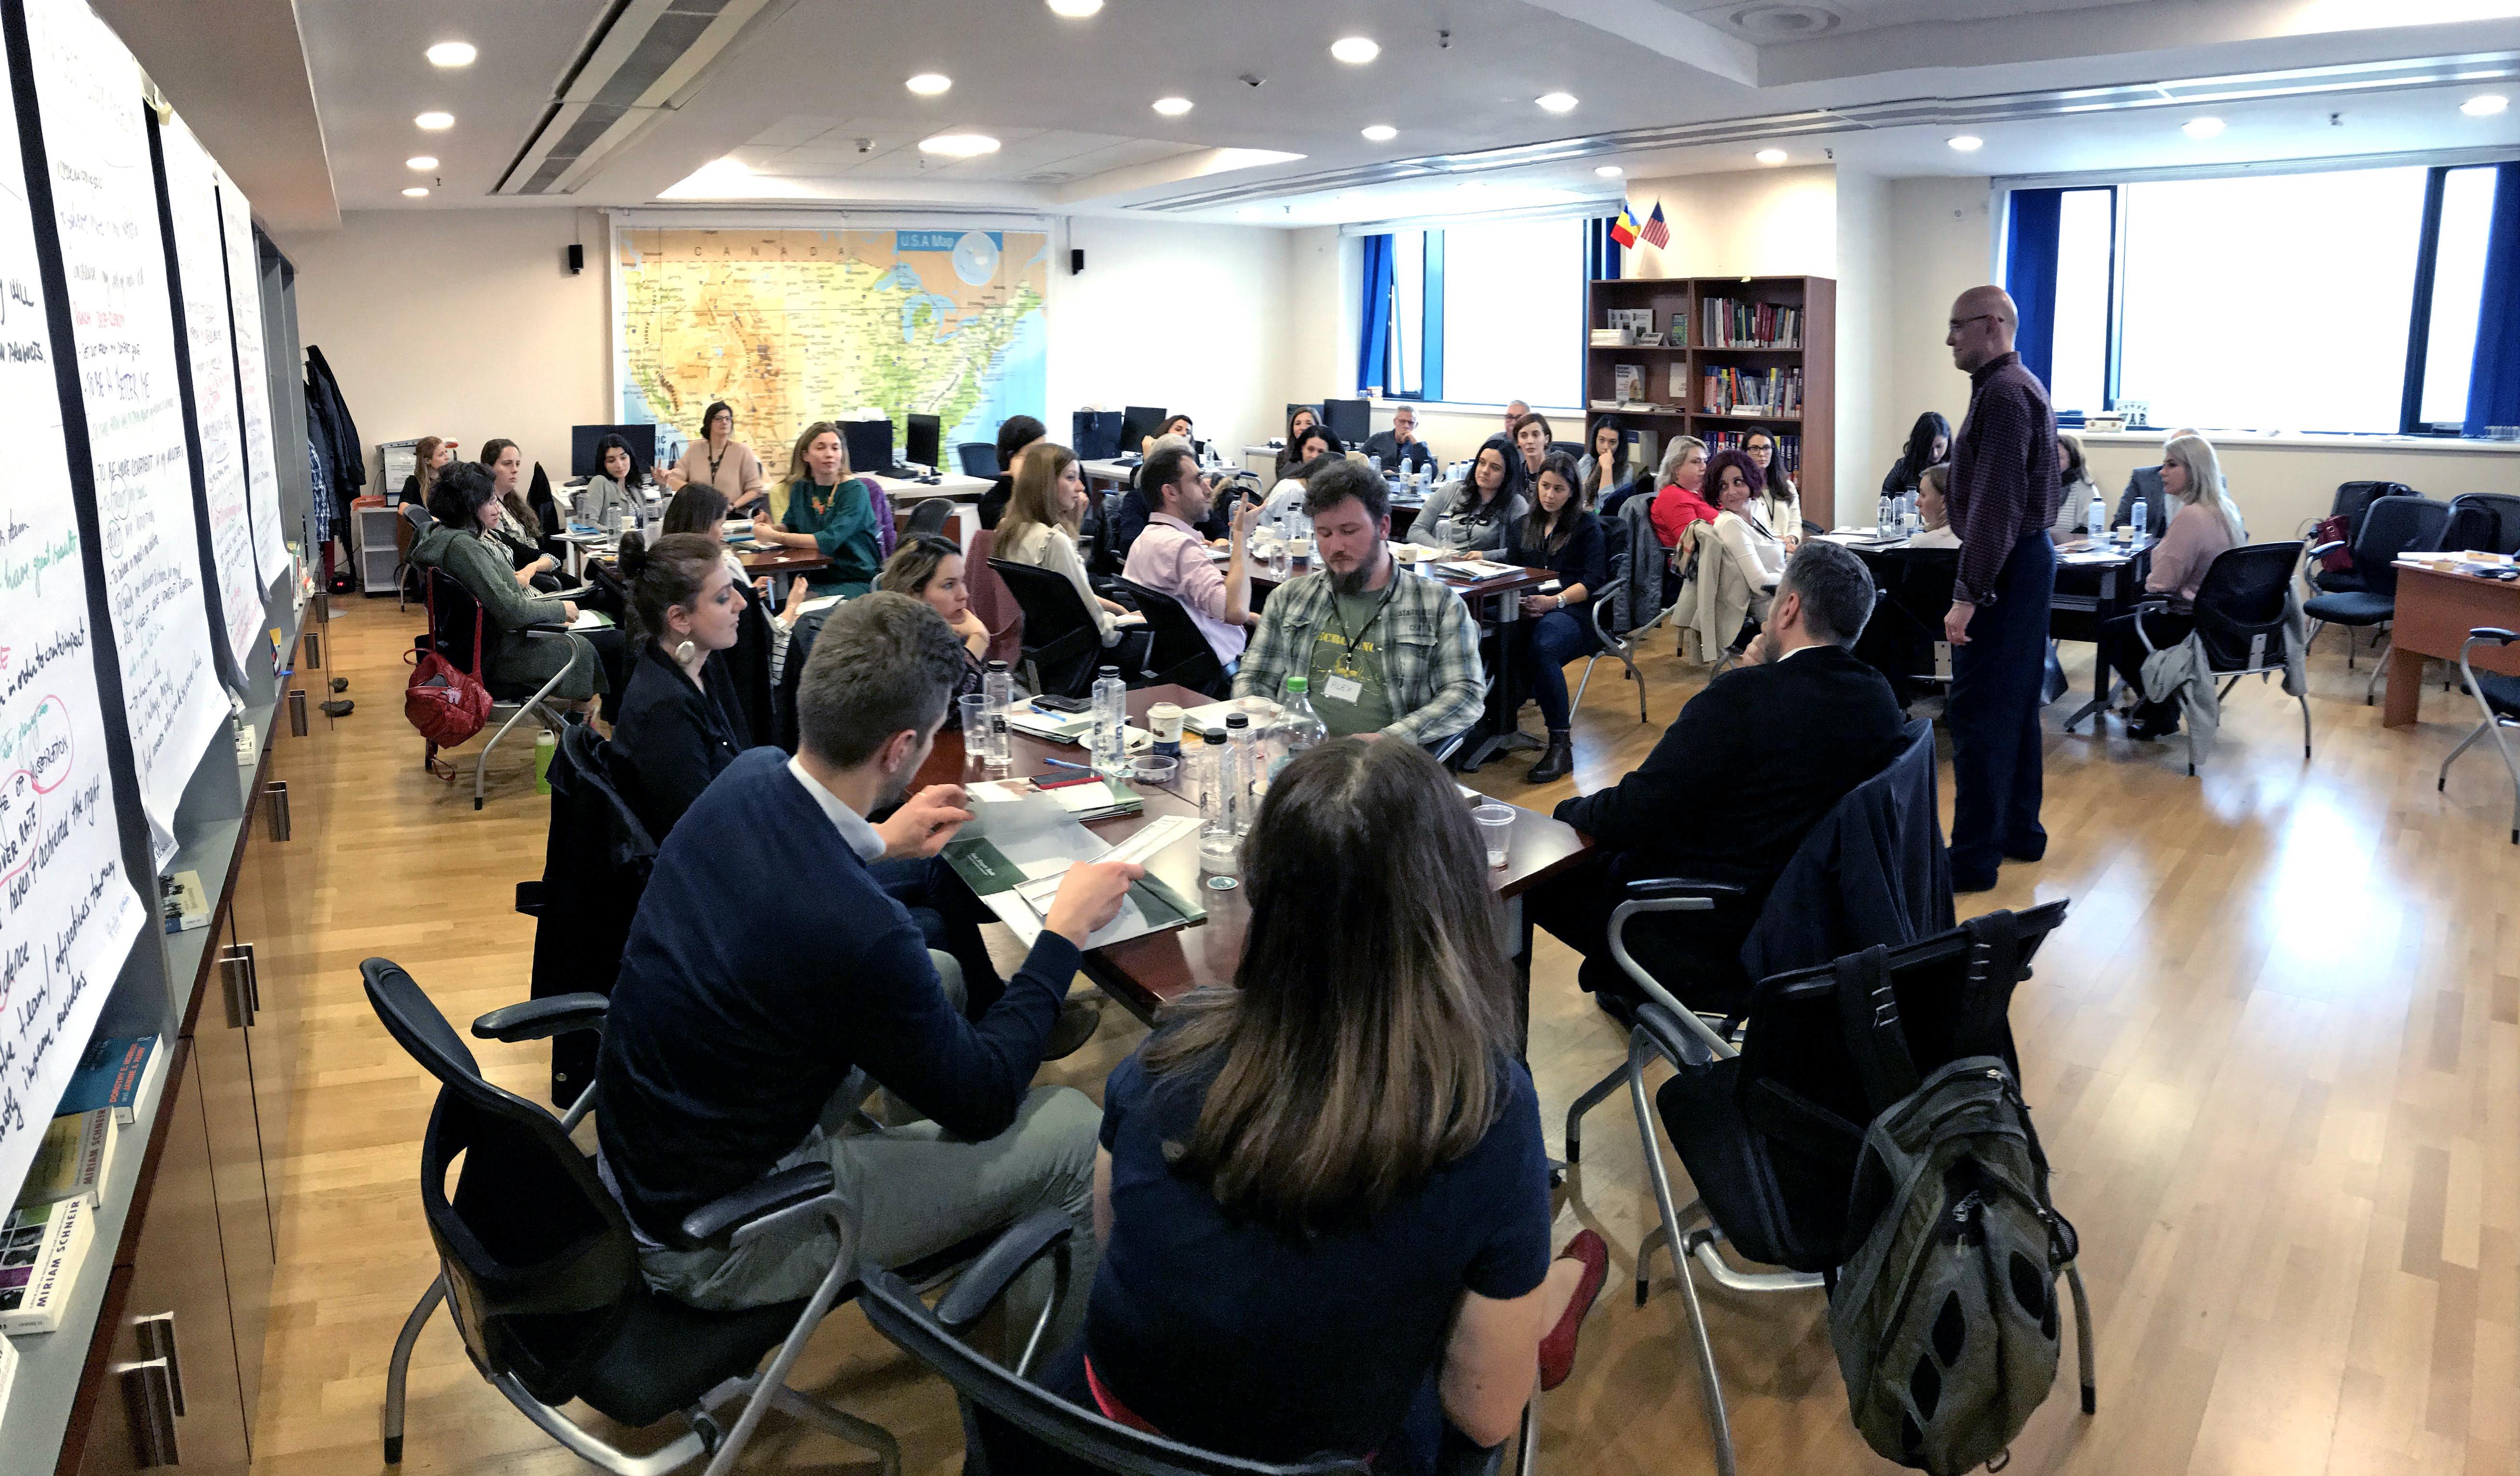 Sesiune specială de training prin metoda InsideOut Coaching™, pentru 40 de lideri ai ONG-urilor din București